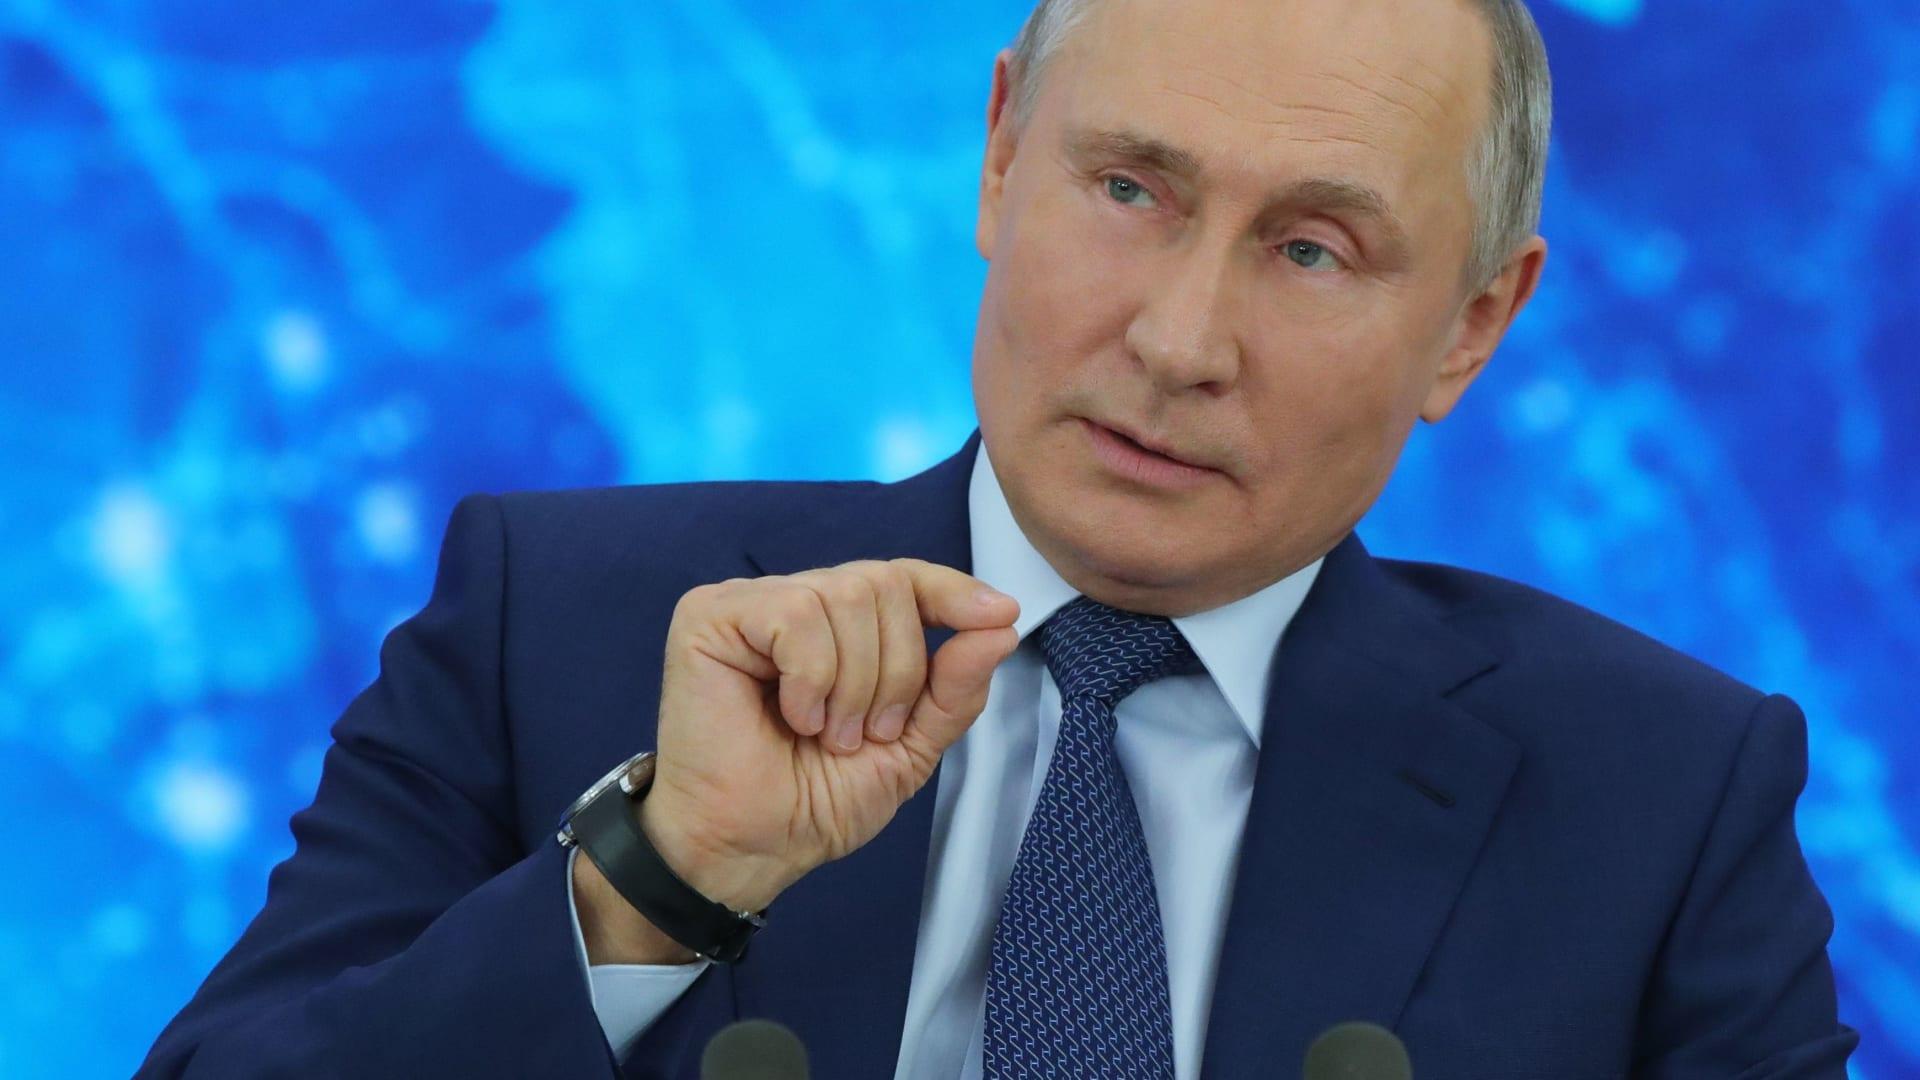 """بوتين عن تحقيق CNN-Bellingcat بشأن تسميم نافالني: """"حرب معلومات"""" تشنها الاستخبارات الأجنبية"""